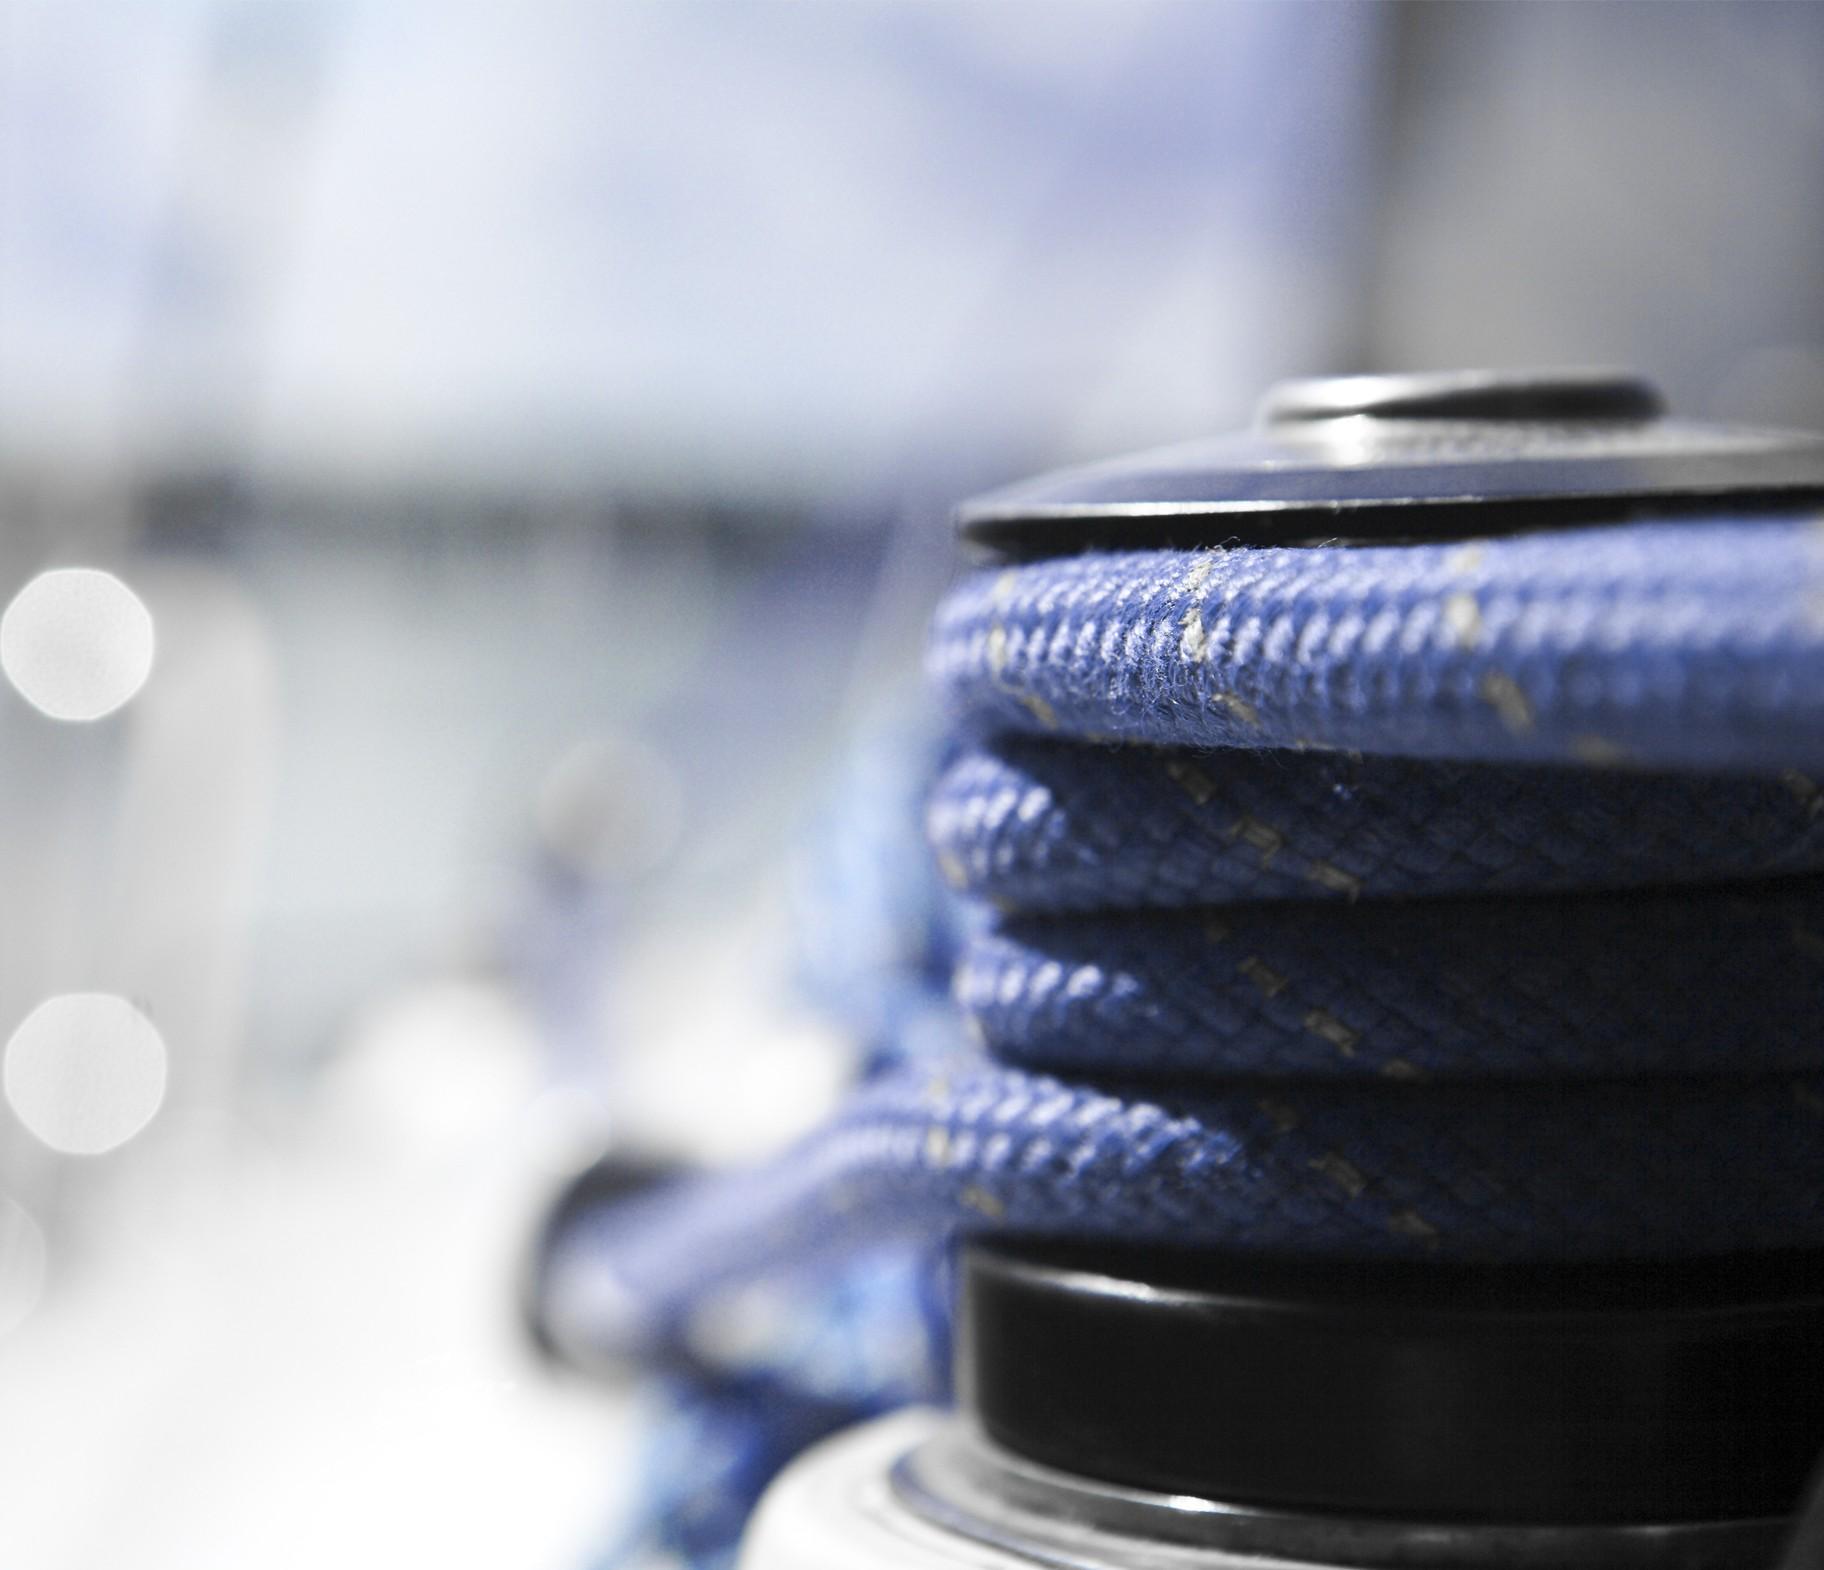 El Consejo de Ministros aprueba el RD por el que se establecen habilitaciones anejas a las titulaciones náuticas y se actualizan las medidas de seguridad en el uso de las motos náuticas.